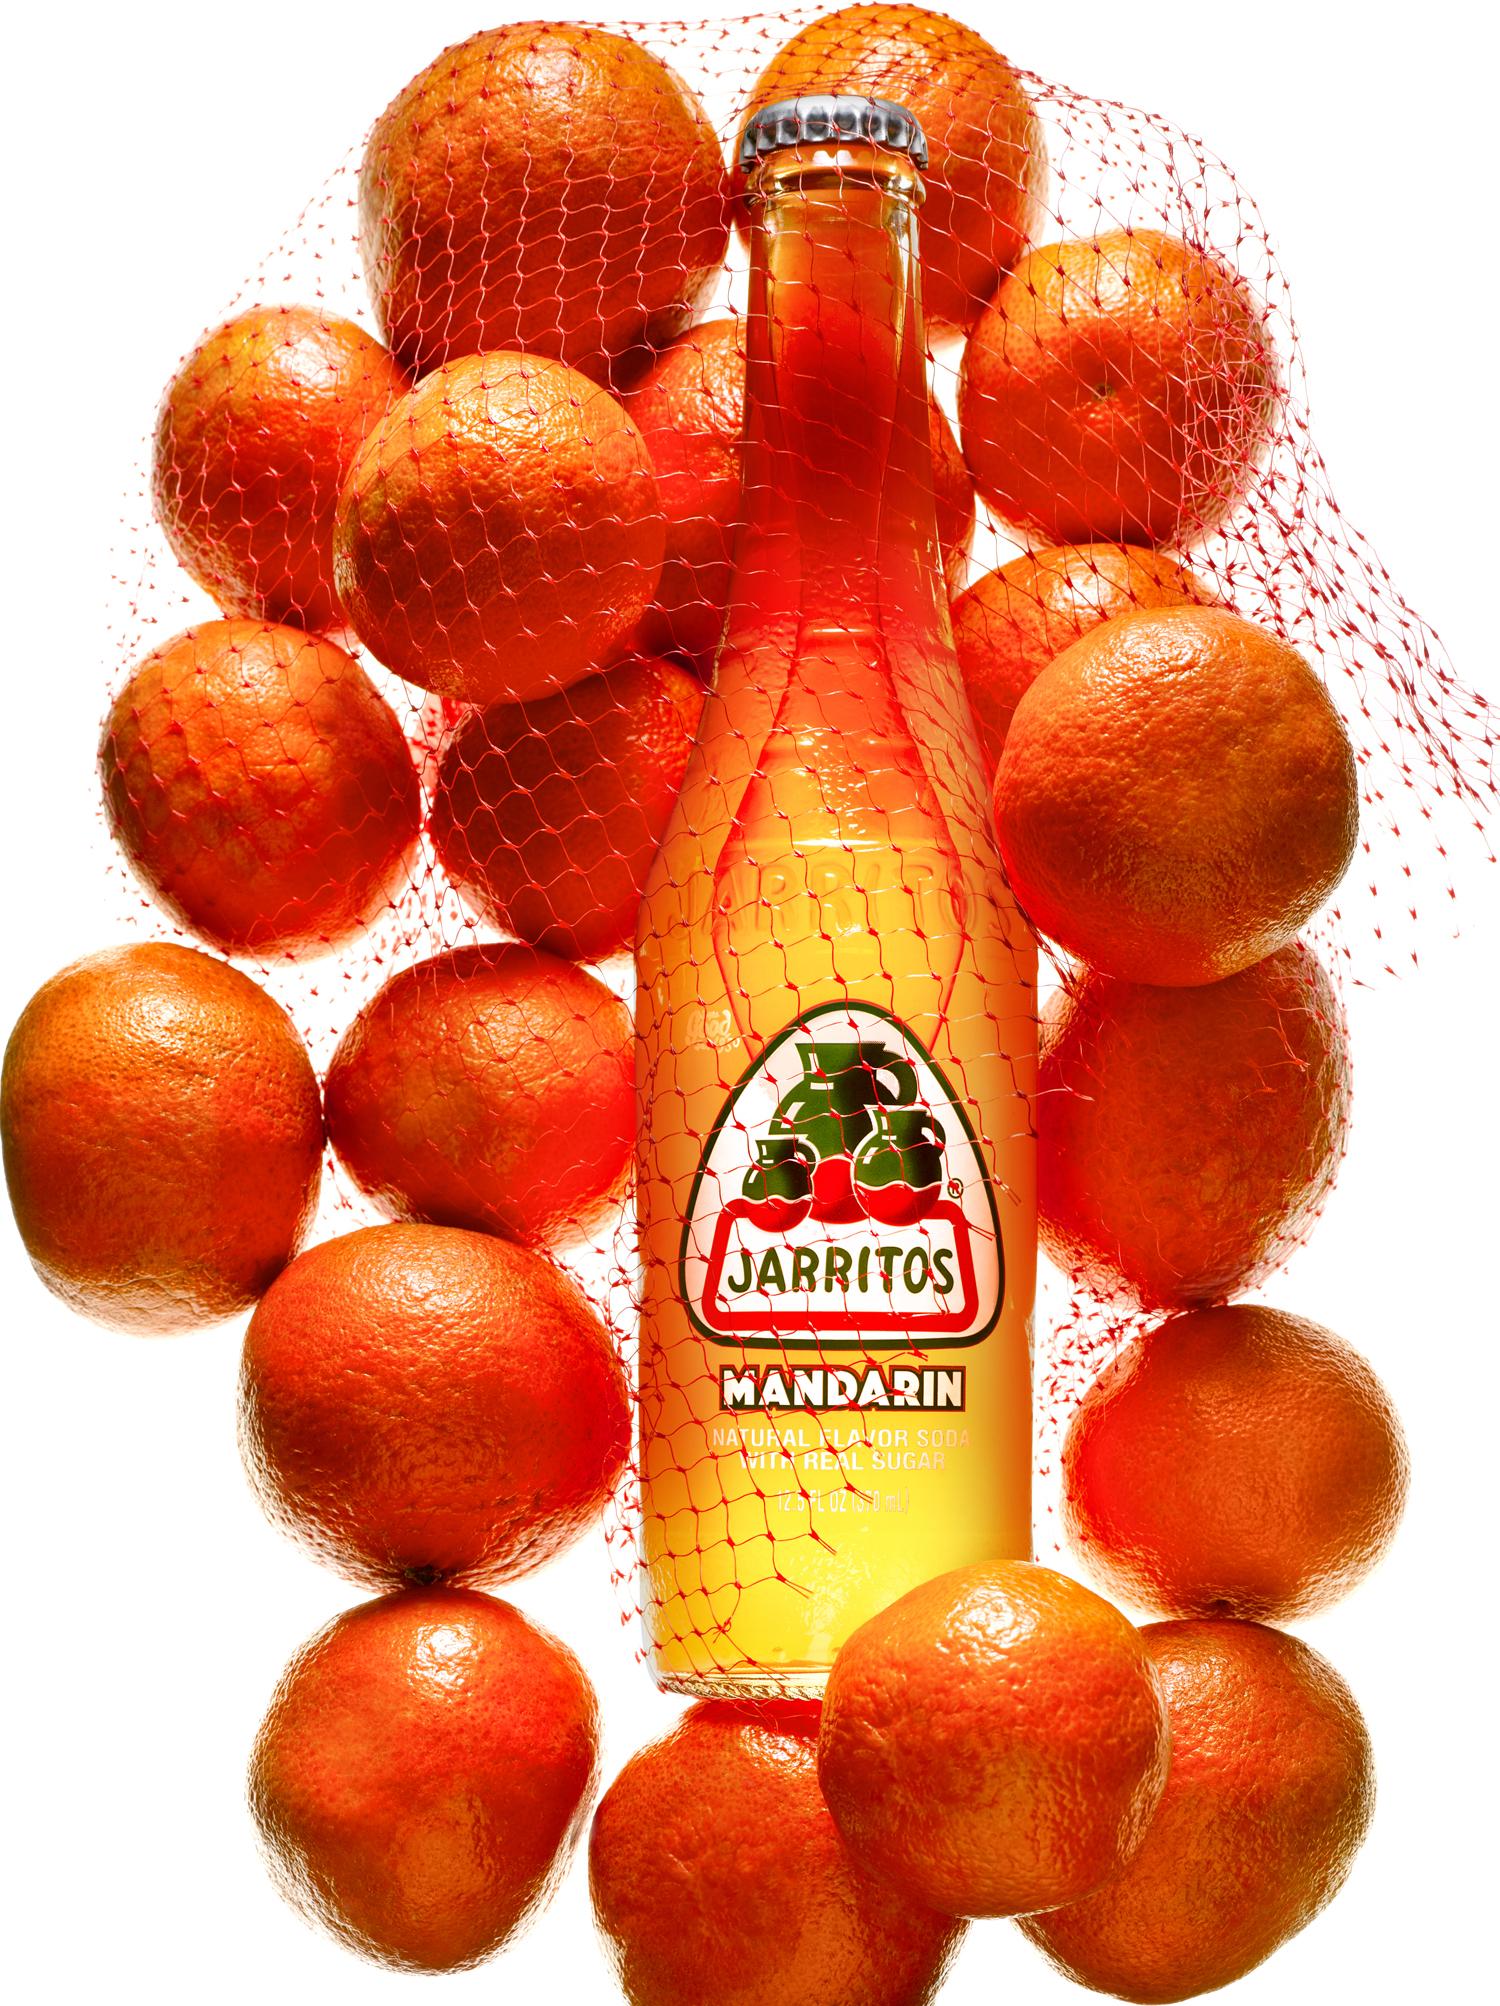 Mexican soda2.jpg